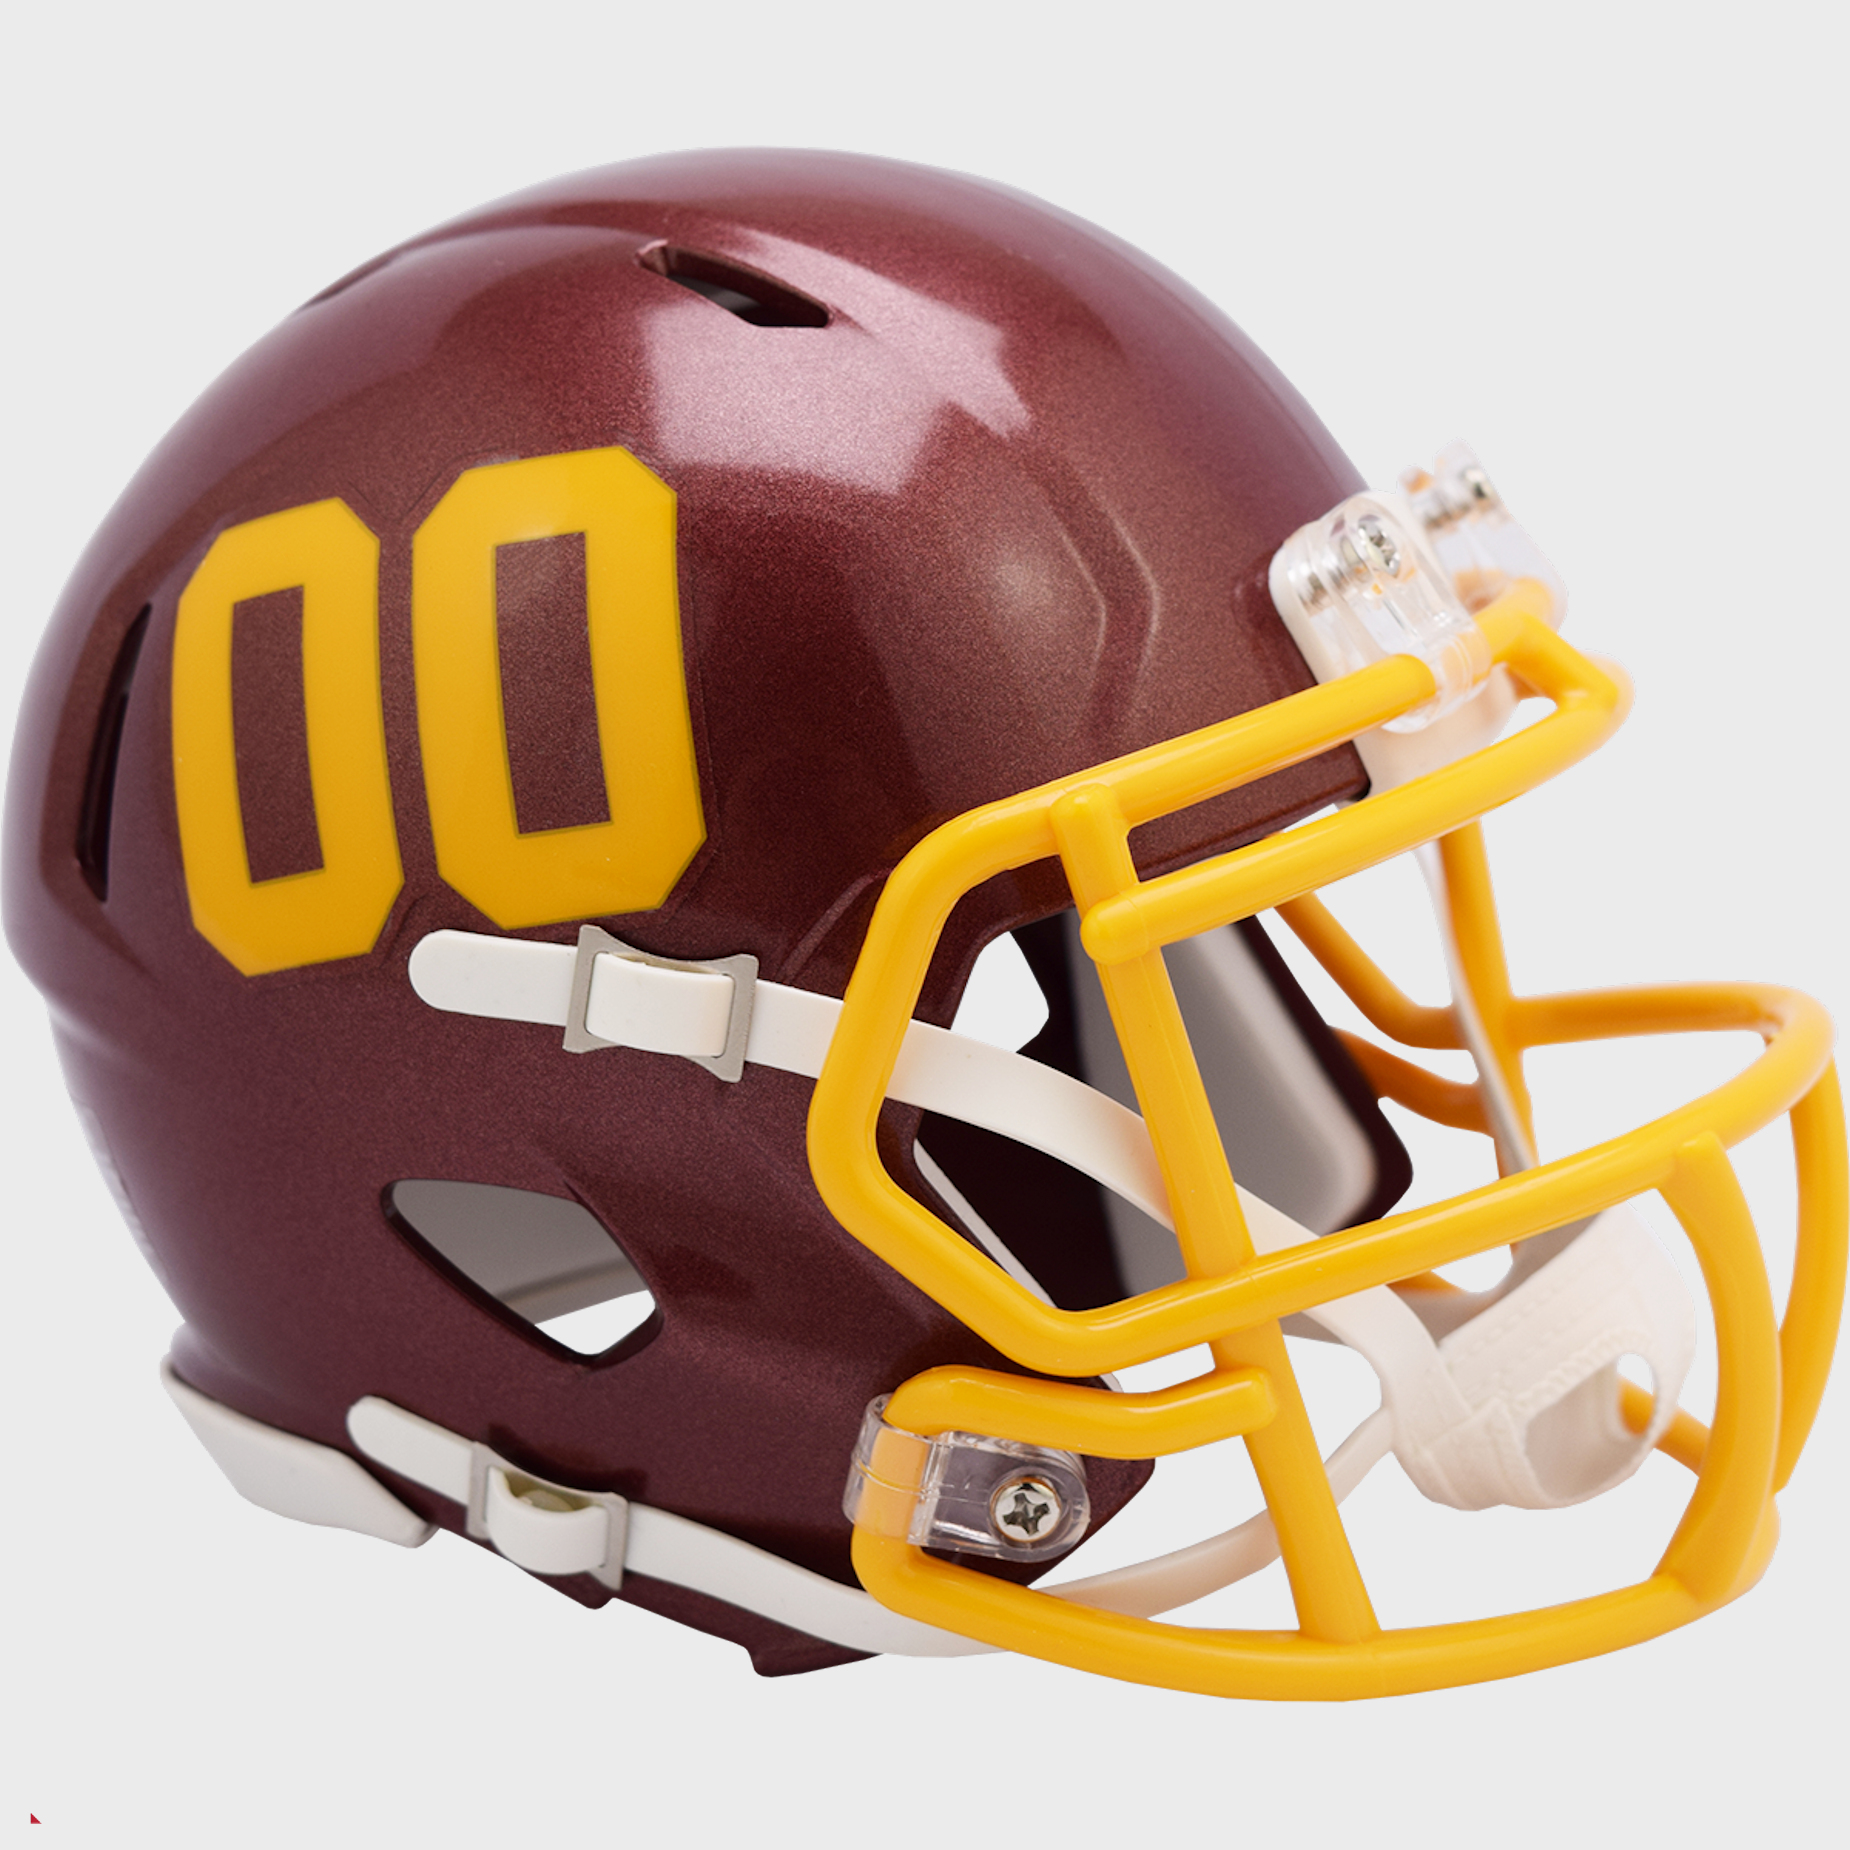 Washington Football Team NFL Mini Speed Football Helmet  <B>NEW 2121</B>